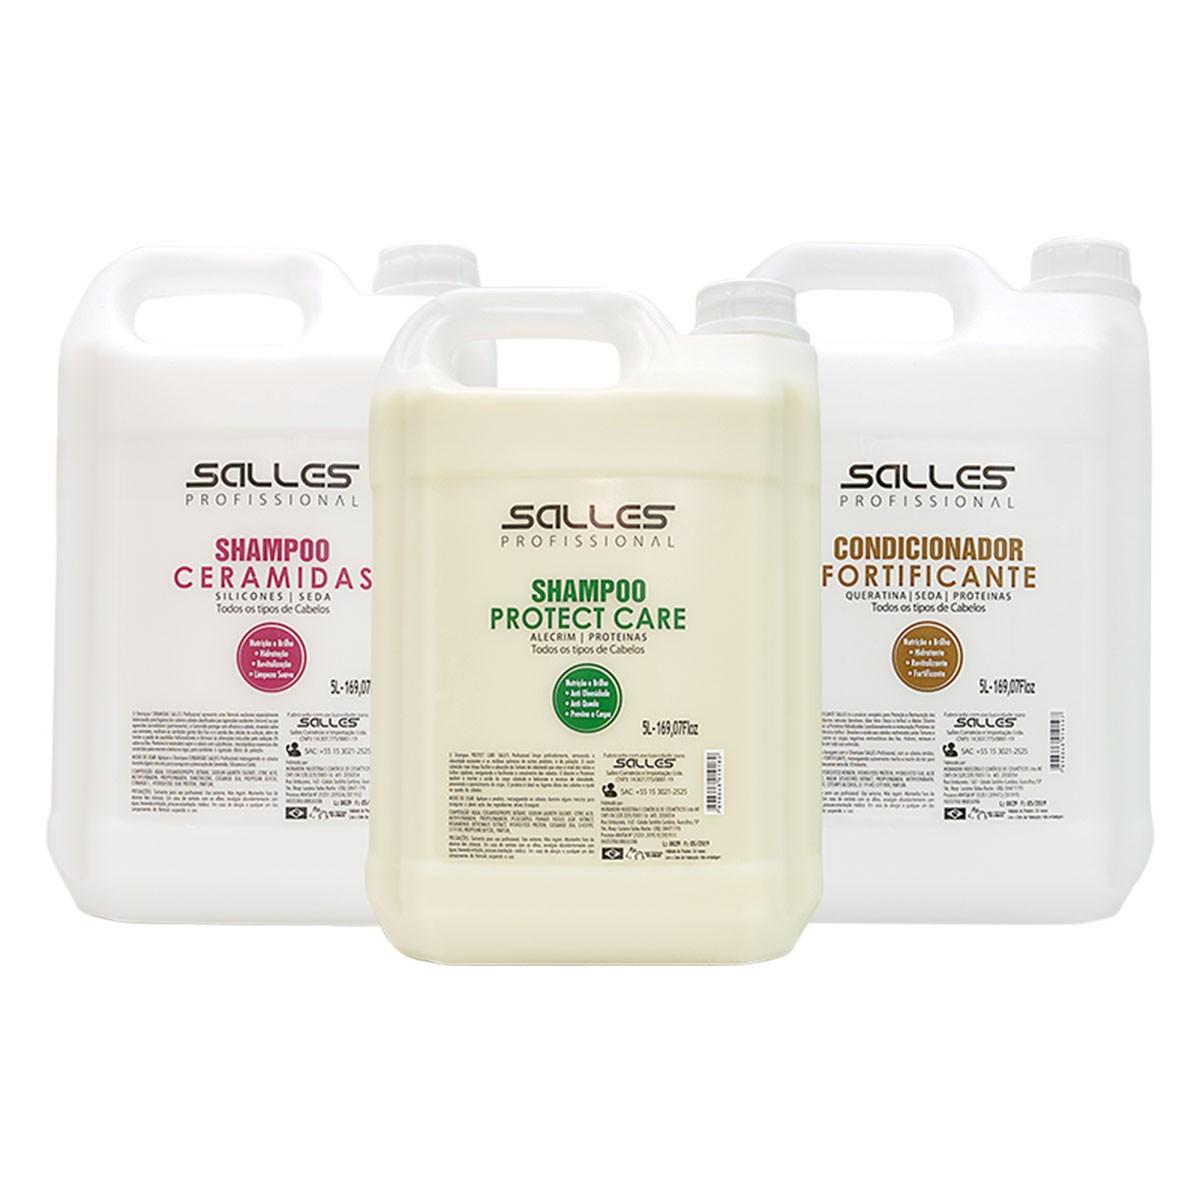 Shampoo Ceramidas - Salles Profissional